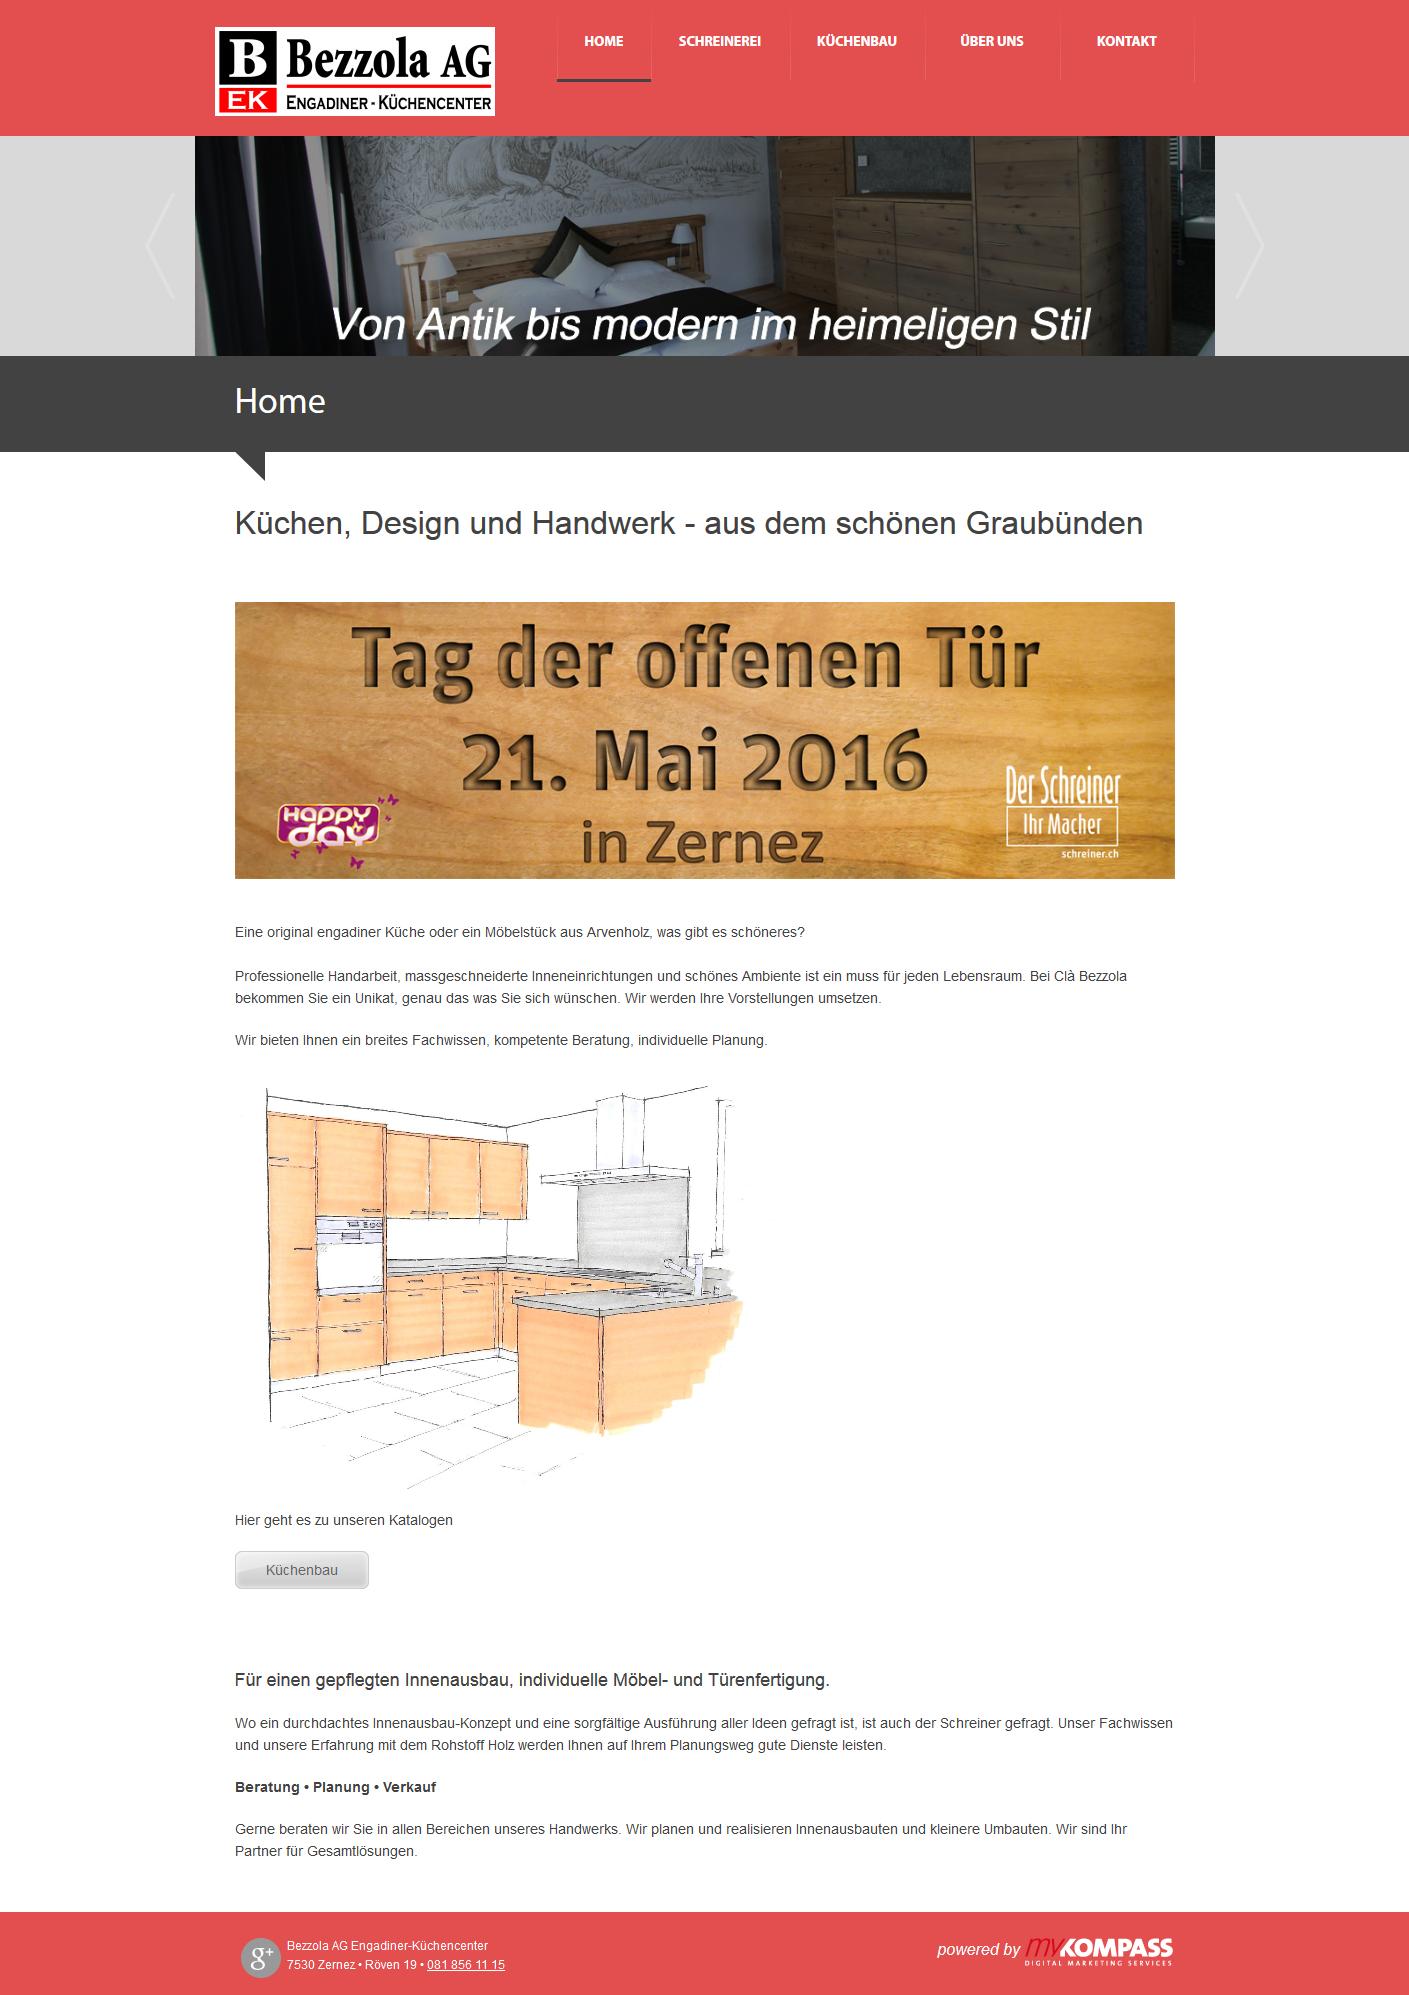 Bezzola AG Engadiner-Küchencenter, Zernez, Graubünden, Schreiner ...